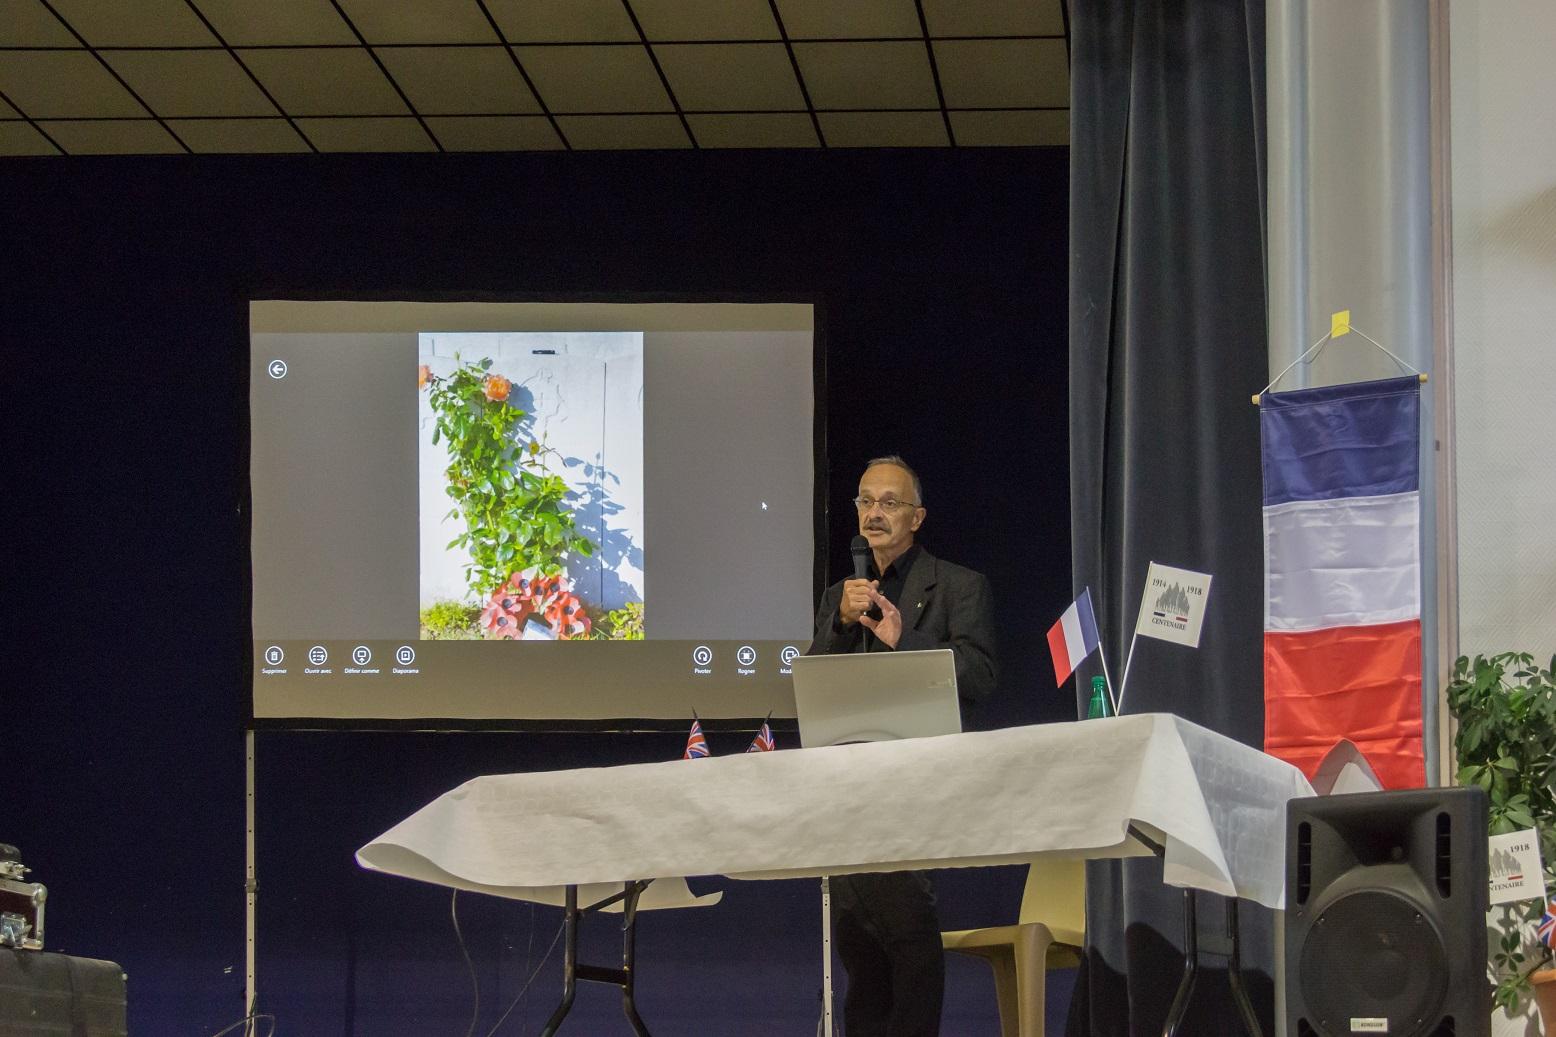 Monsieur Dominique Morion